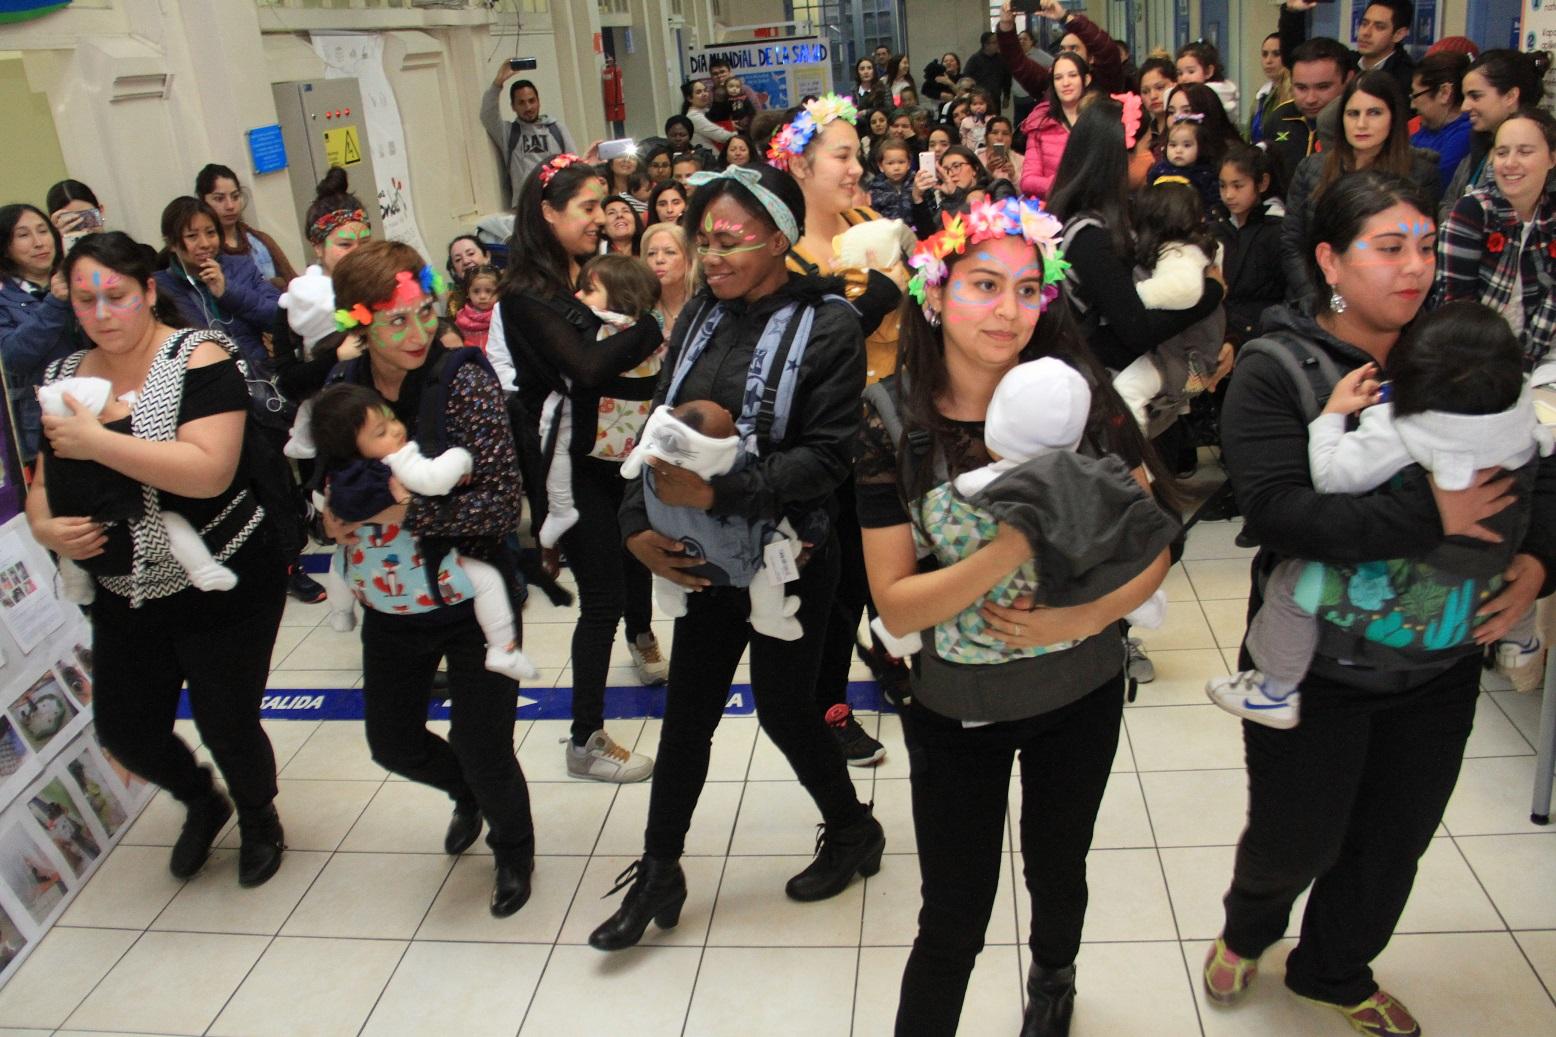 las madres de la tribu de crianza respetuosa presentaron una danza porteo junto a sus hijos